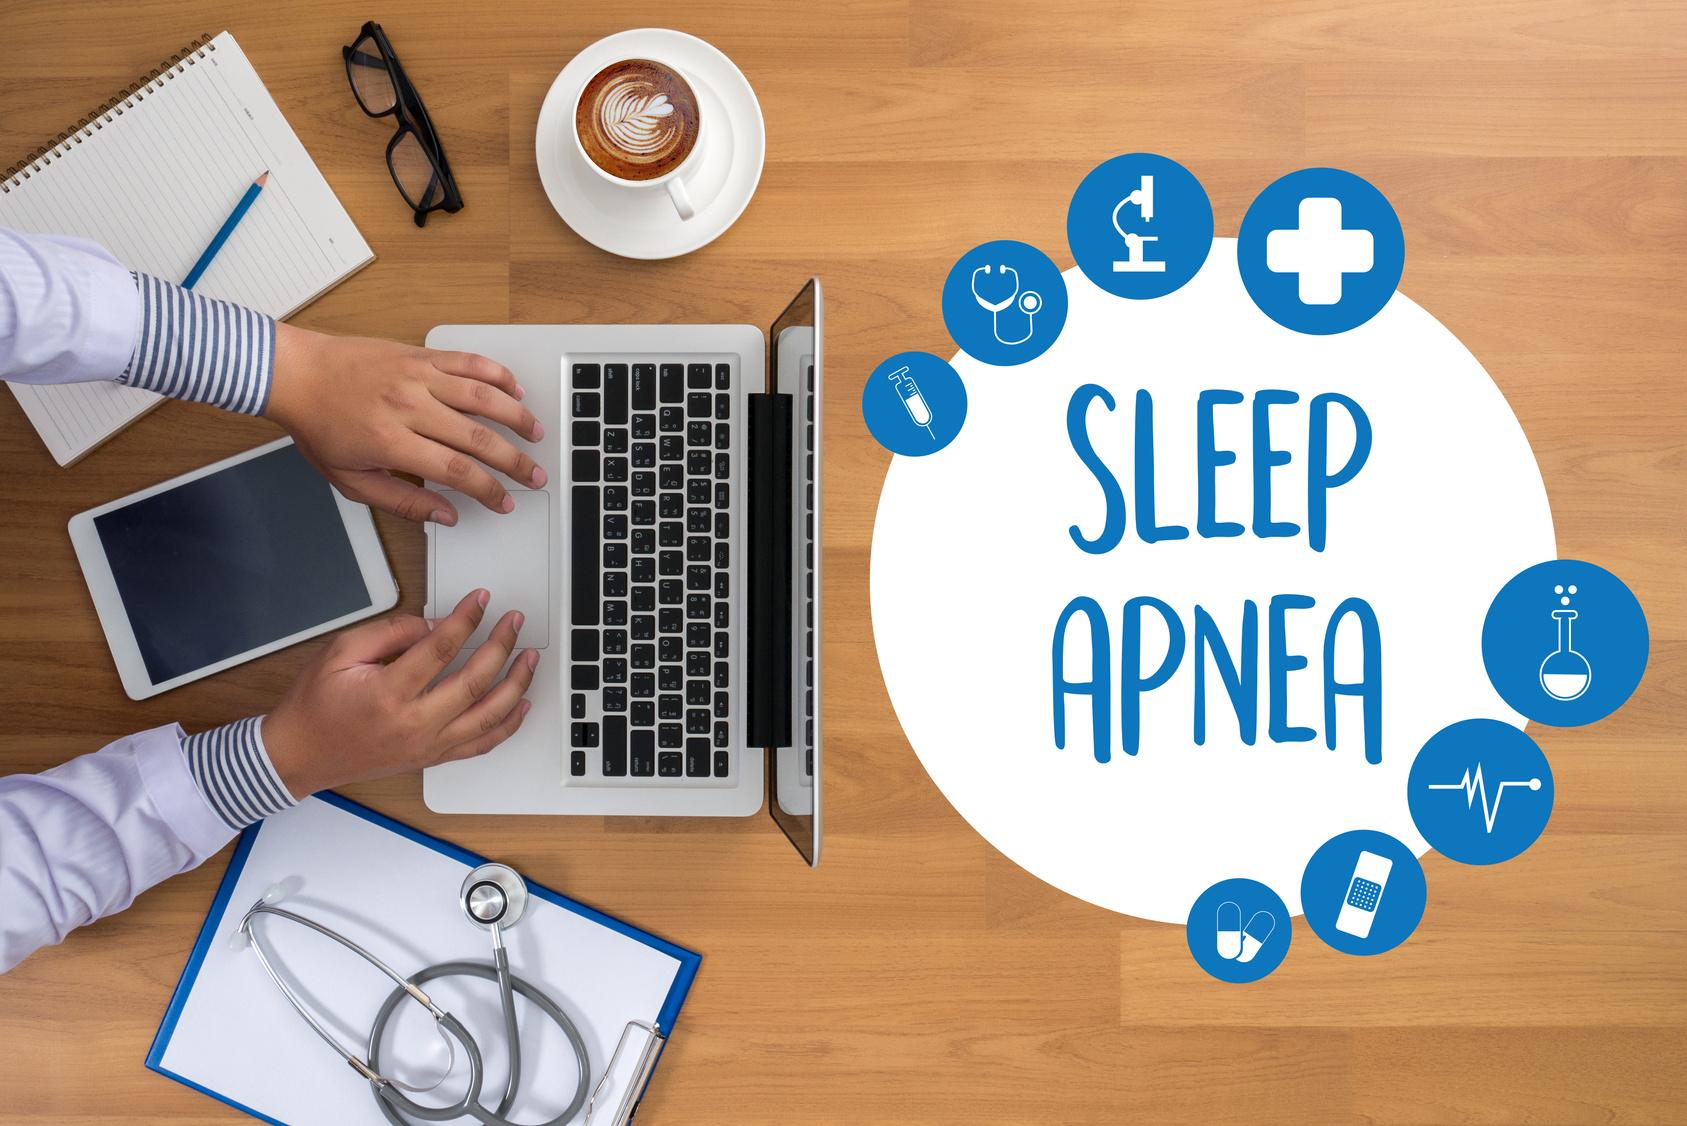 睡眠時無呼吸症候群の手術は、名医だと治療費まで差が出る!【米国論文】